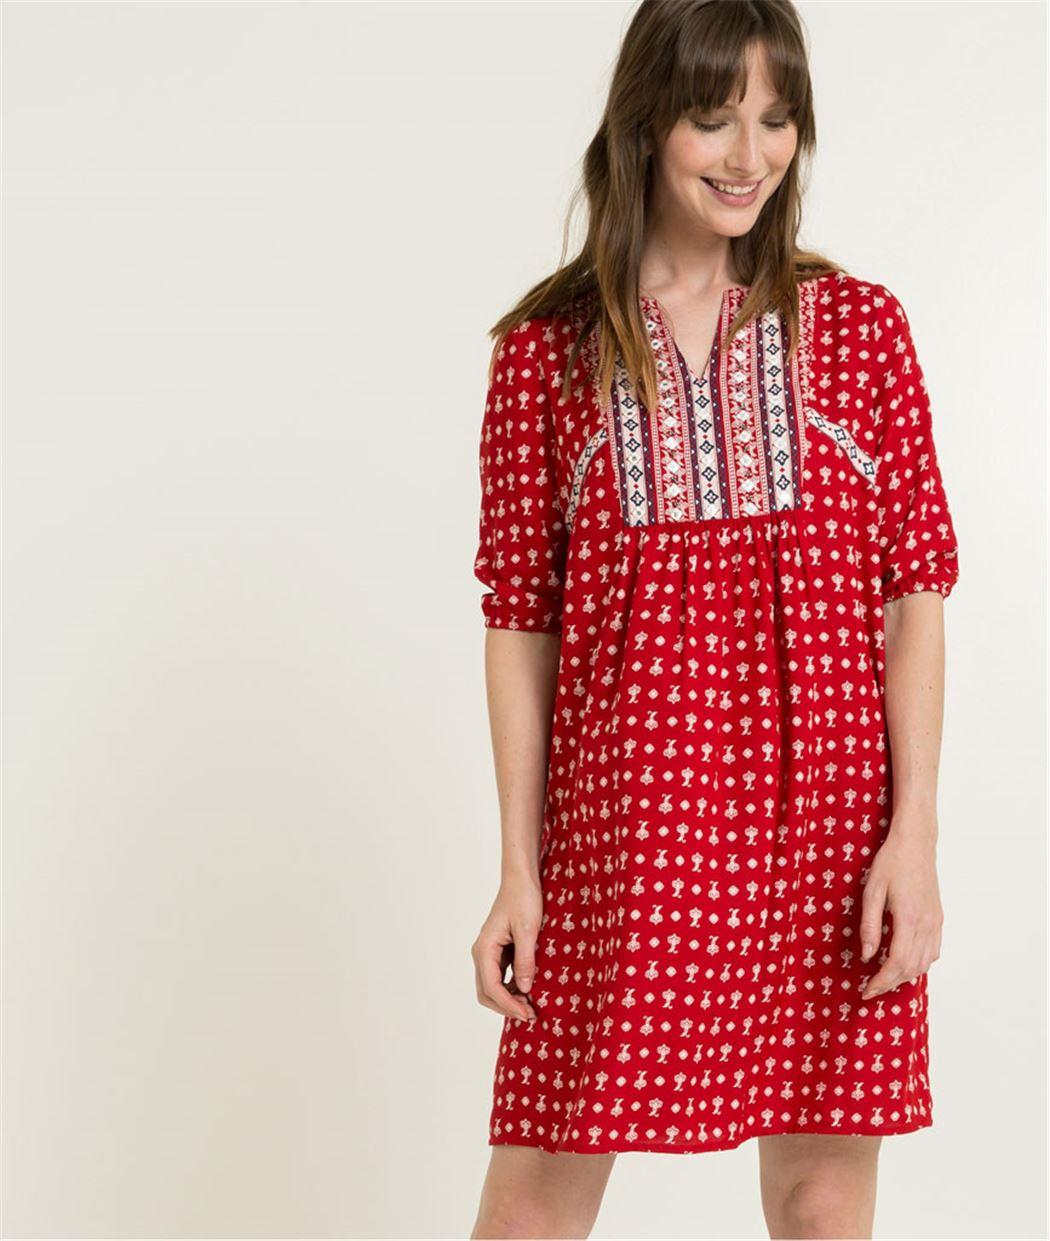 Robe femme rouge imprimée ROUGE